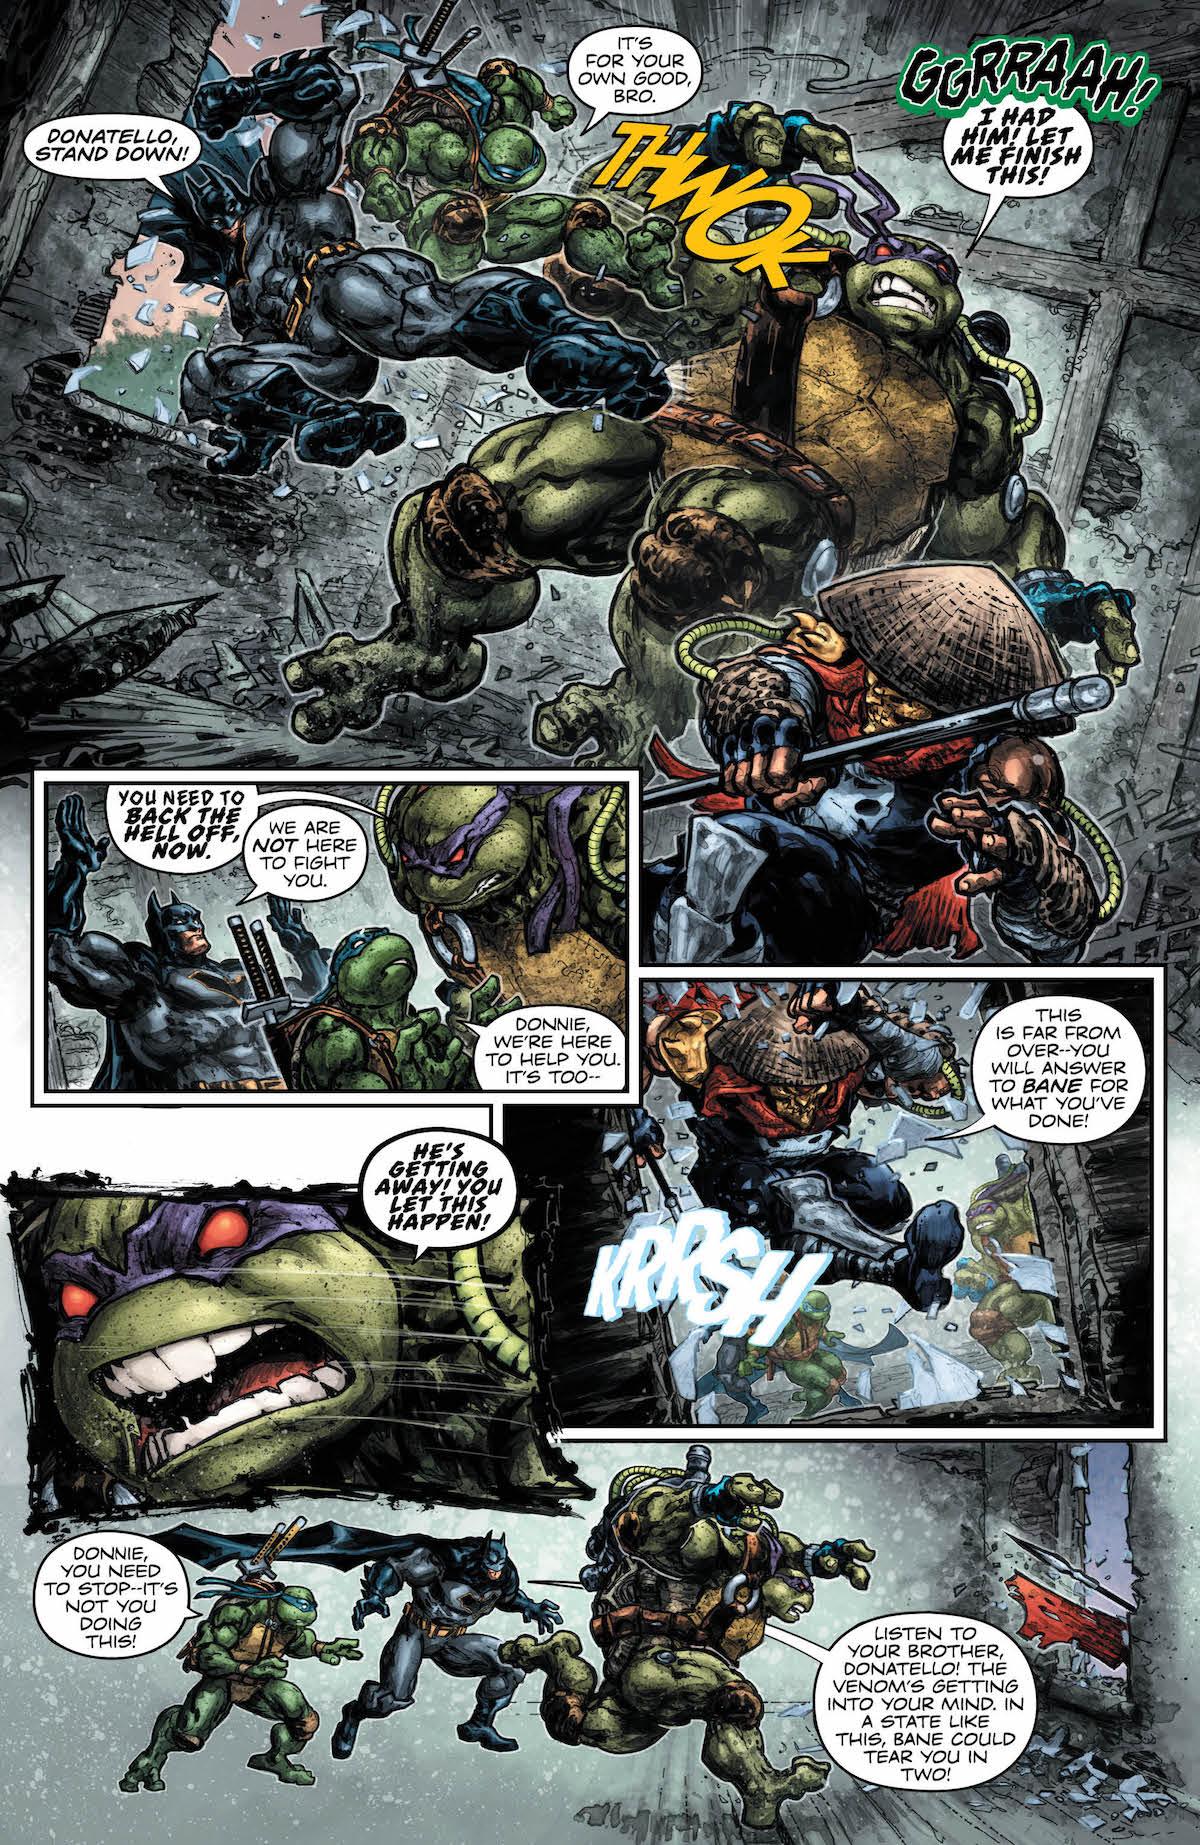 Batman Teenage Mutant Ninja Turtles 2 #5 page